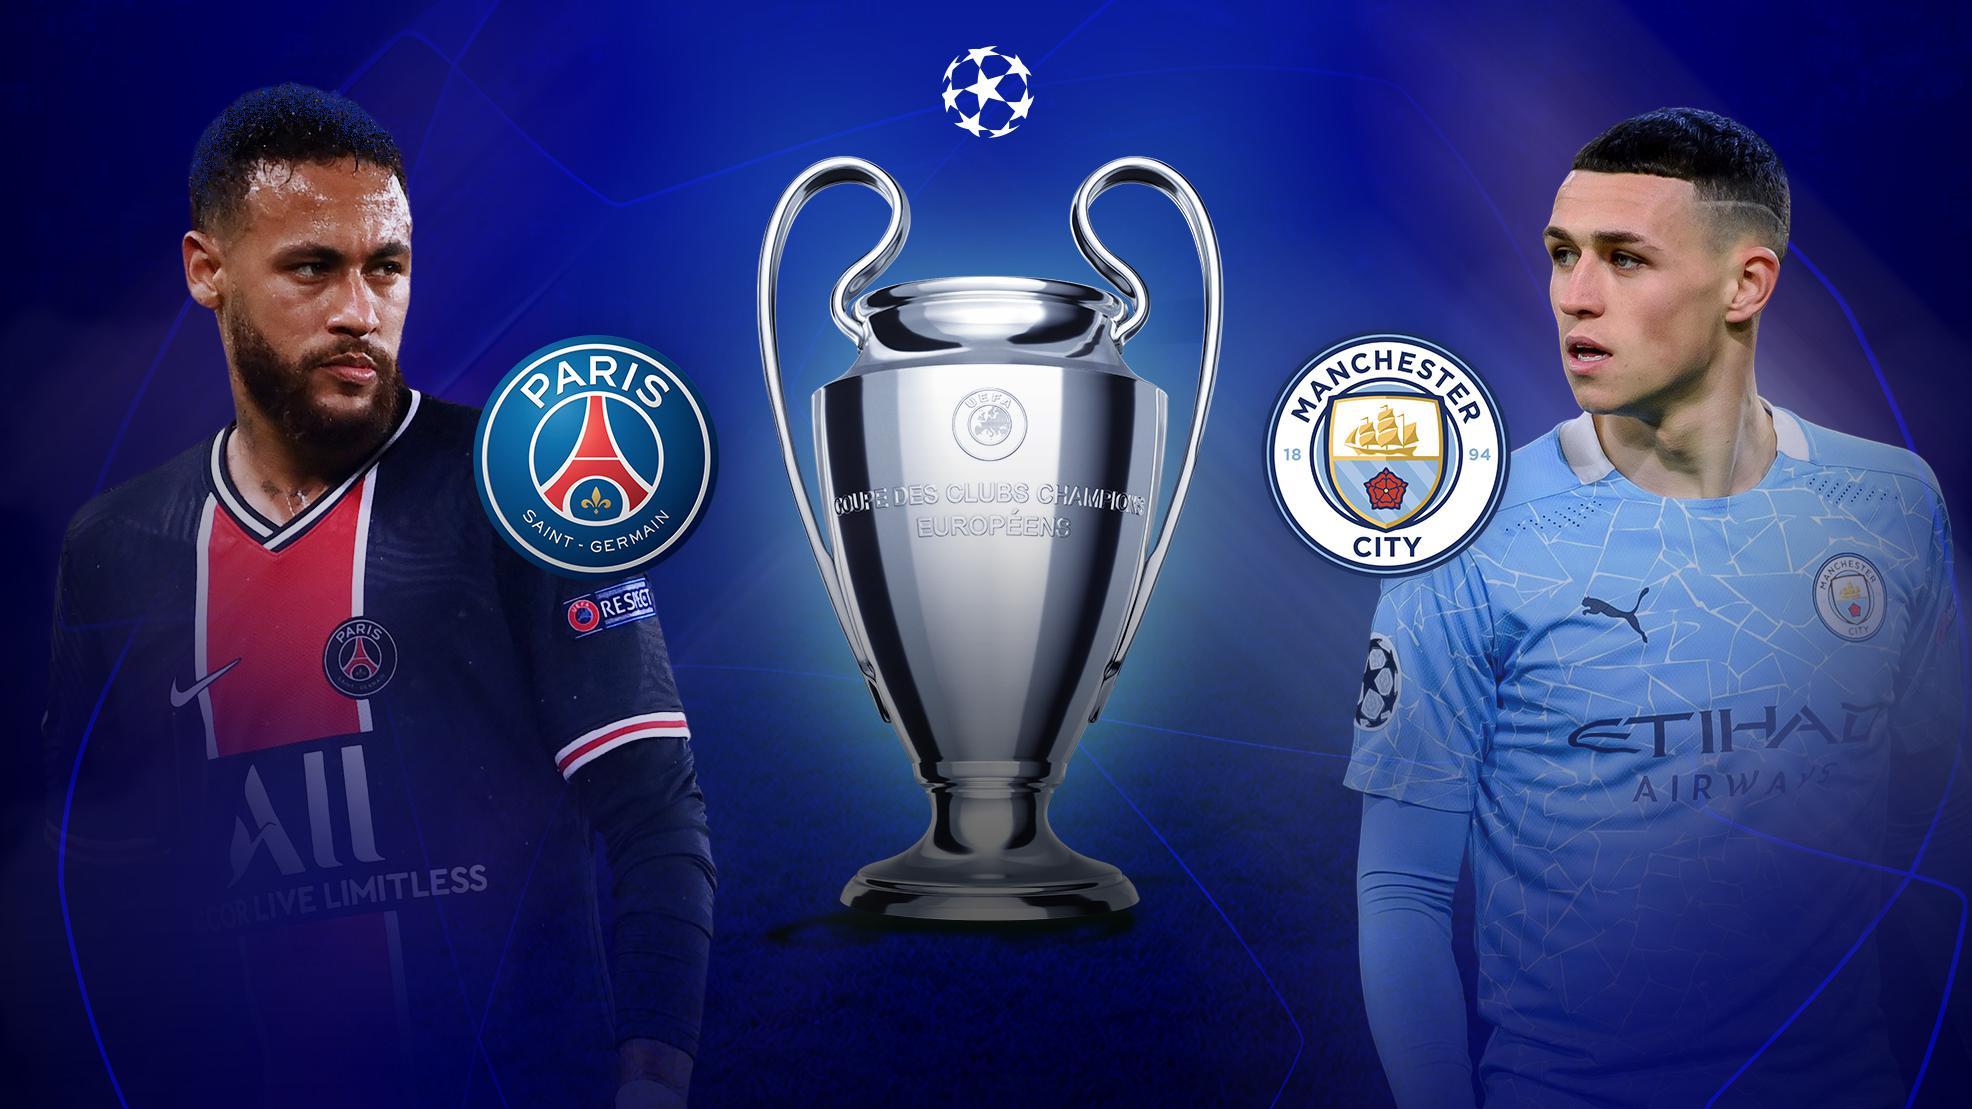 Paris Man City Paris Saint Germain Vs Manchester City Champions League Preview Where To Watch Predicted Line Ups Team News Uefa Champions League Uefa Com